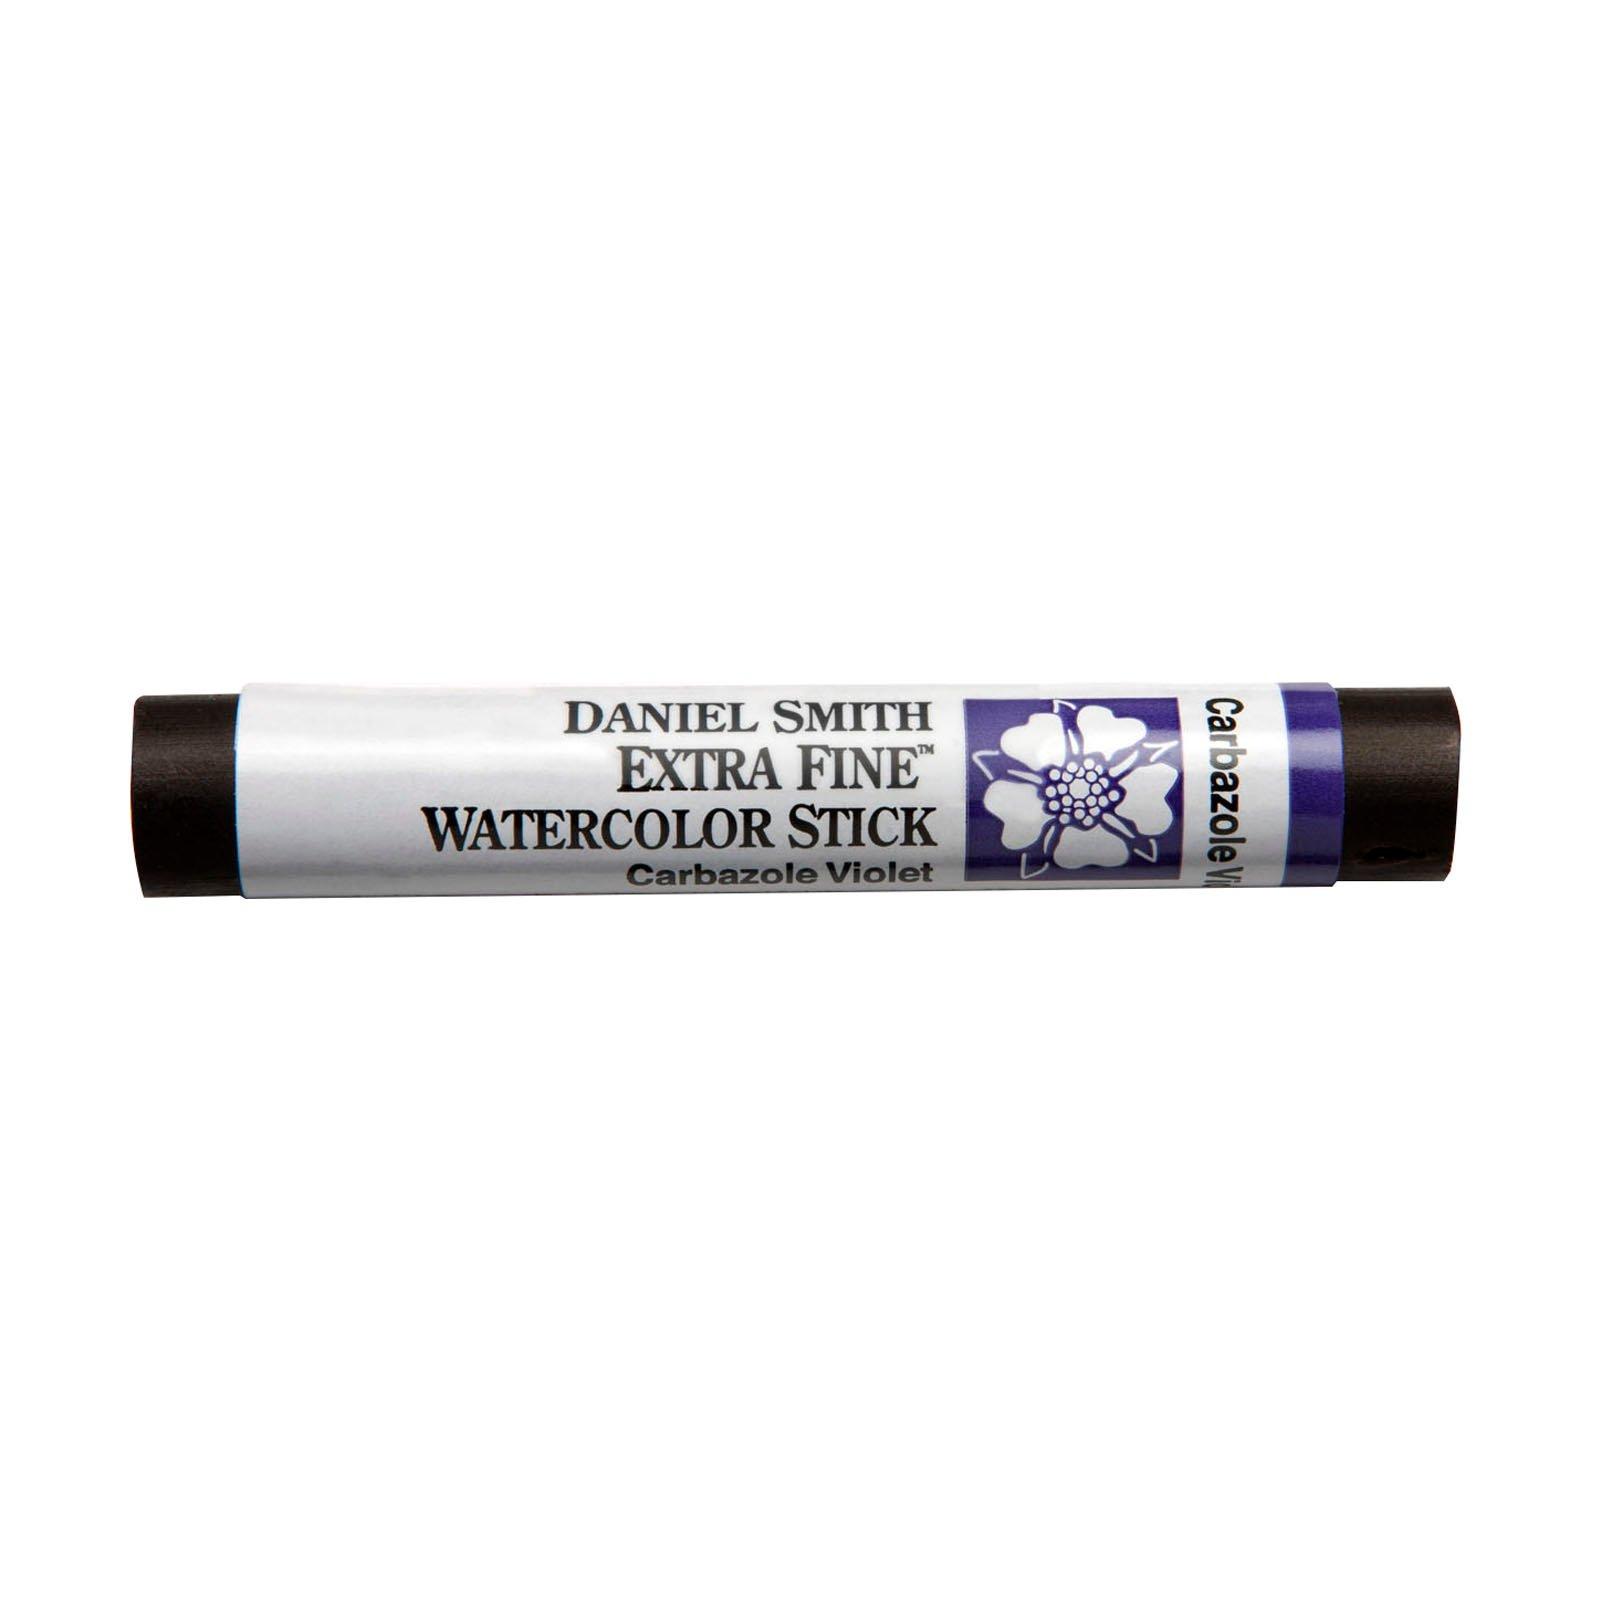 Extra-Fine Watercolor Sticks, Carbazole Violet - 12ml Stick